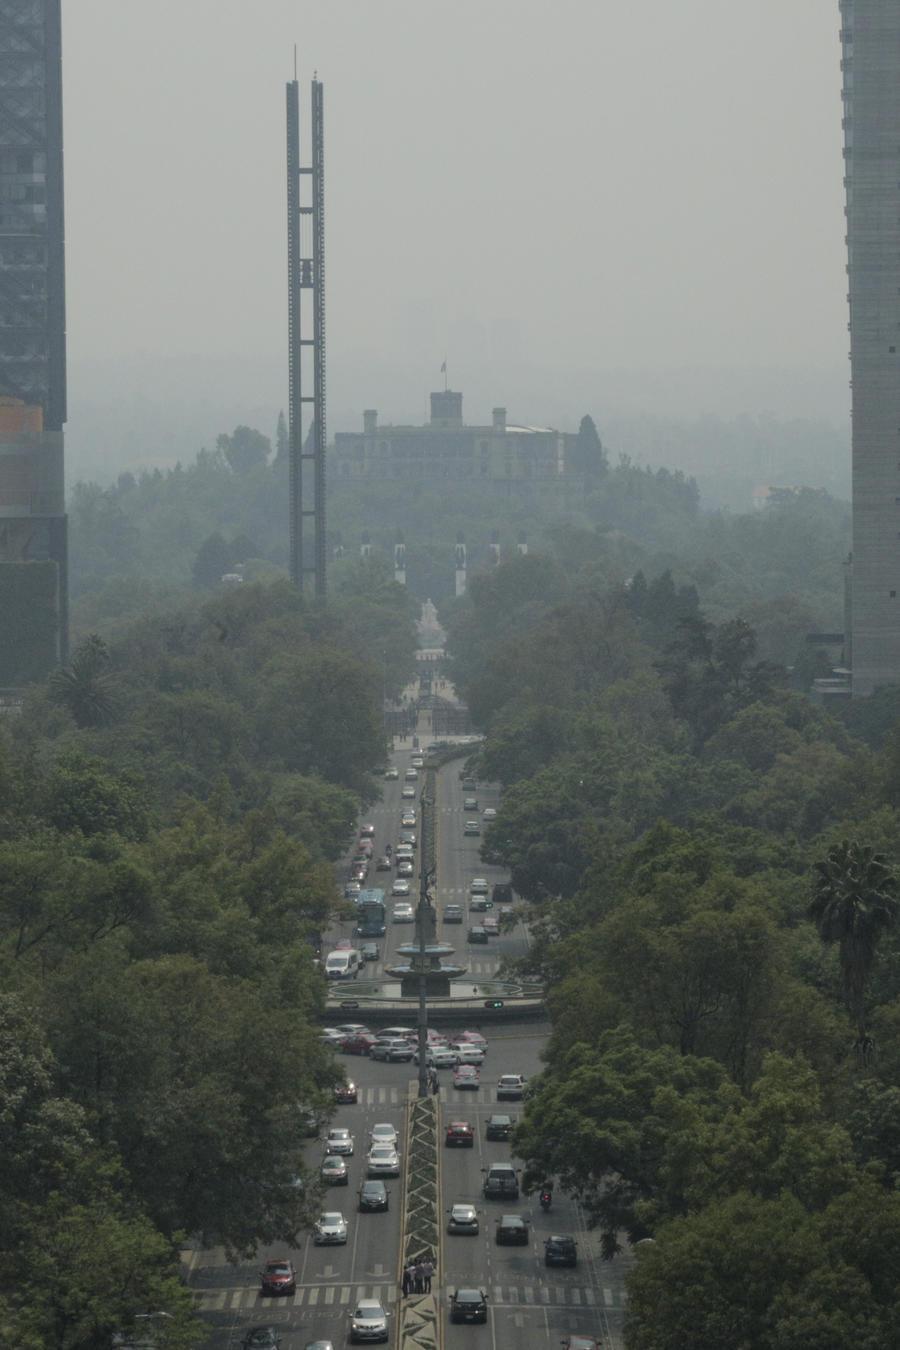 El humo y la contaminación se observan desde el representativo Paseo de la Reforma y el Castillo de Chapultepec en la Ciudad de México el martes 14 de mayo de 2019